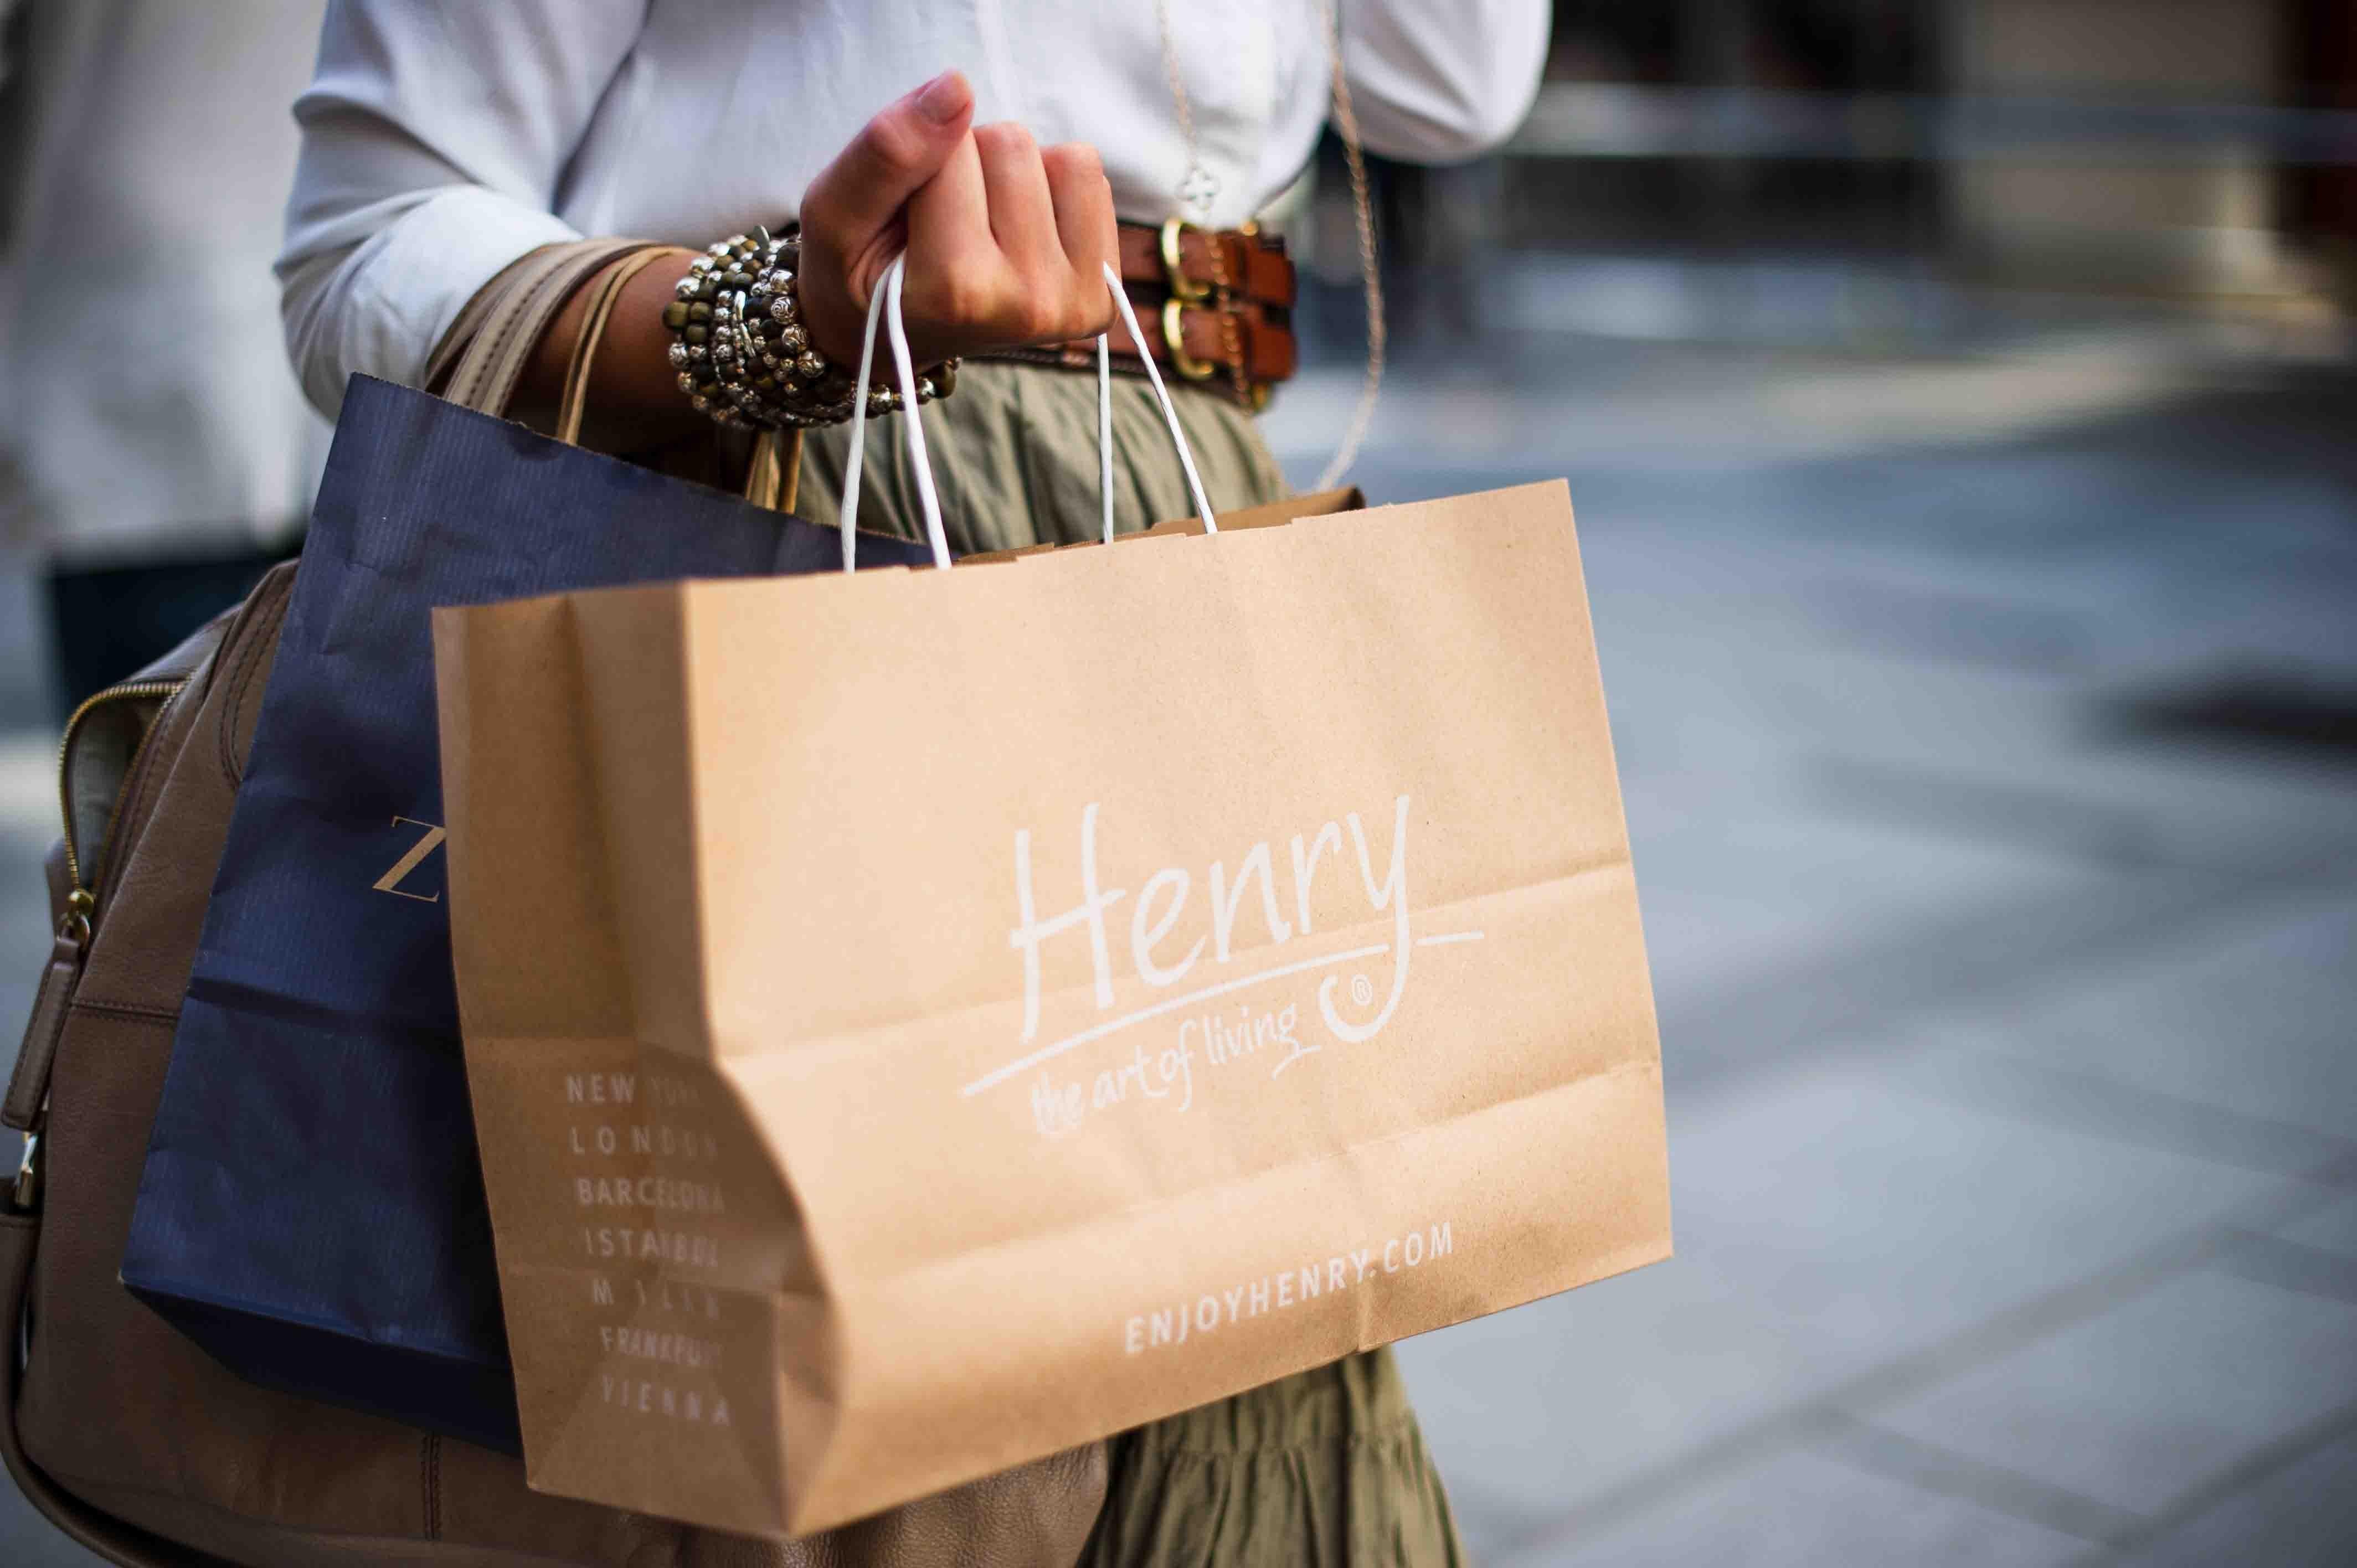 Gratis kledingadvies in winkels